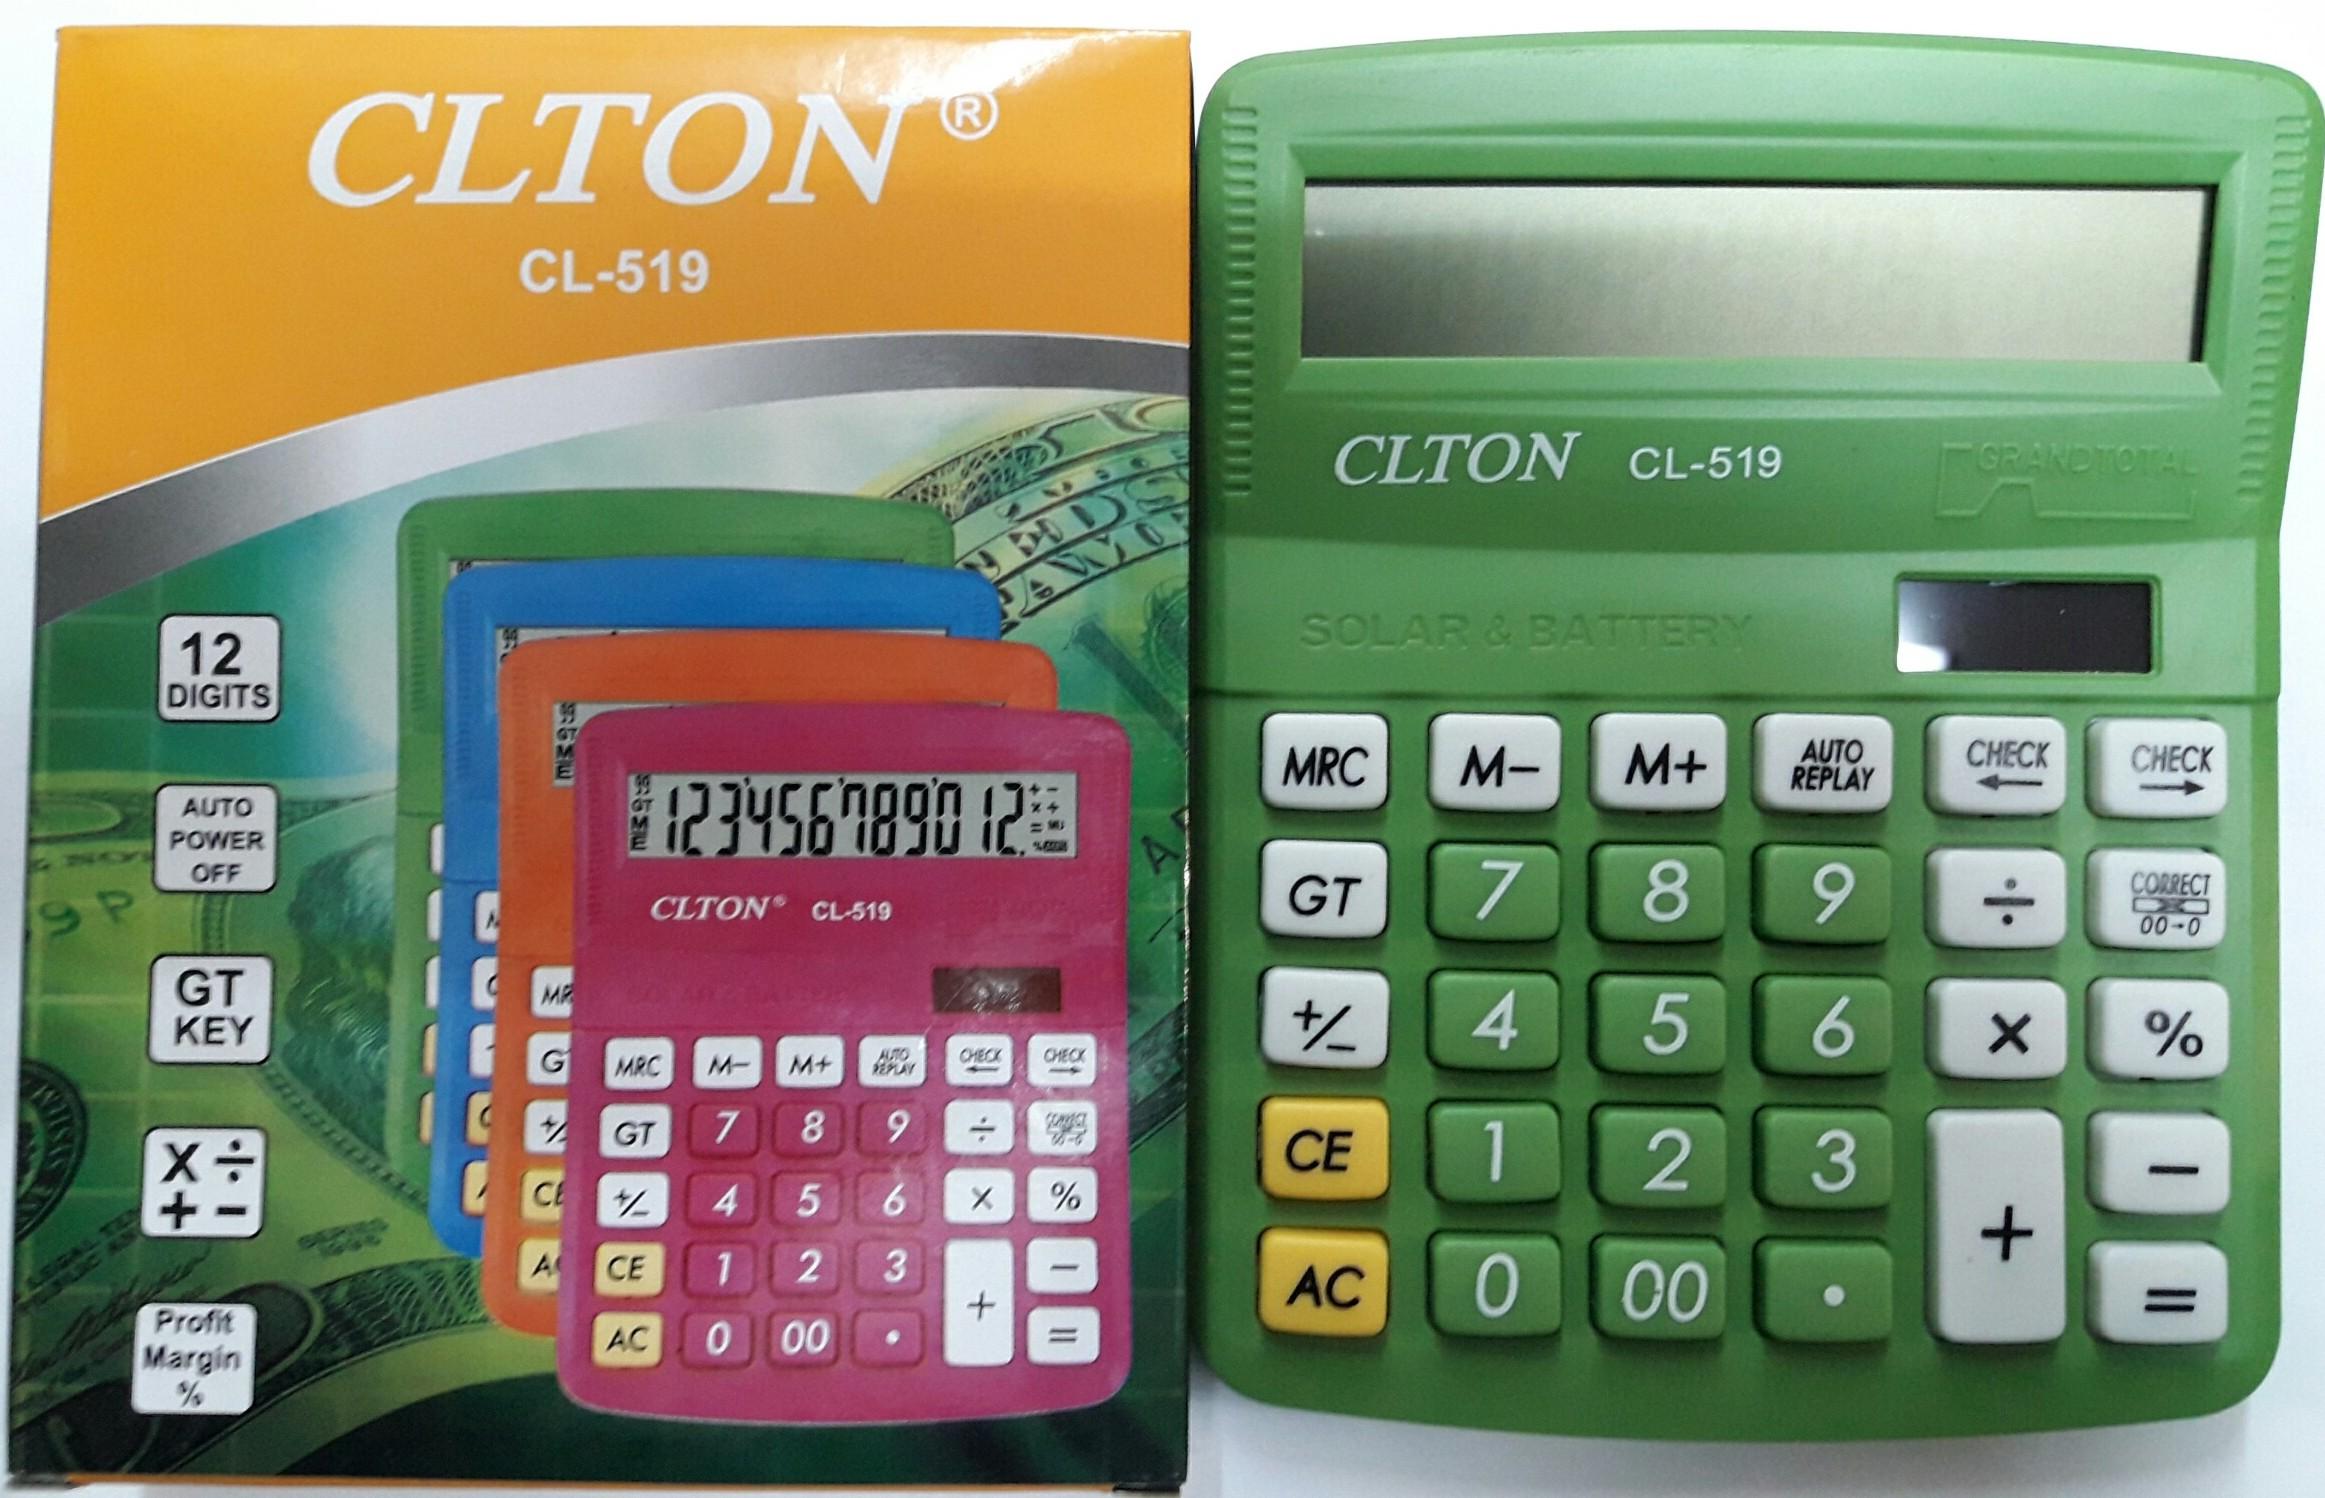 CALCULADORA CLTON CL-519